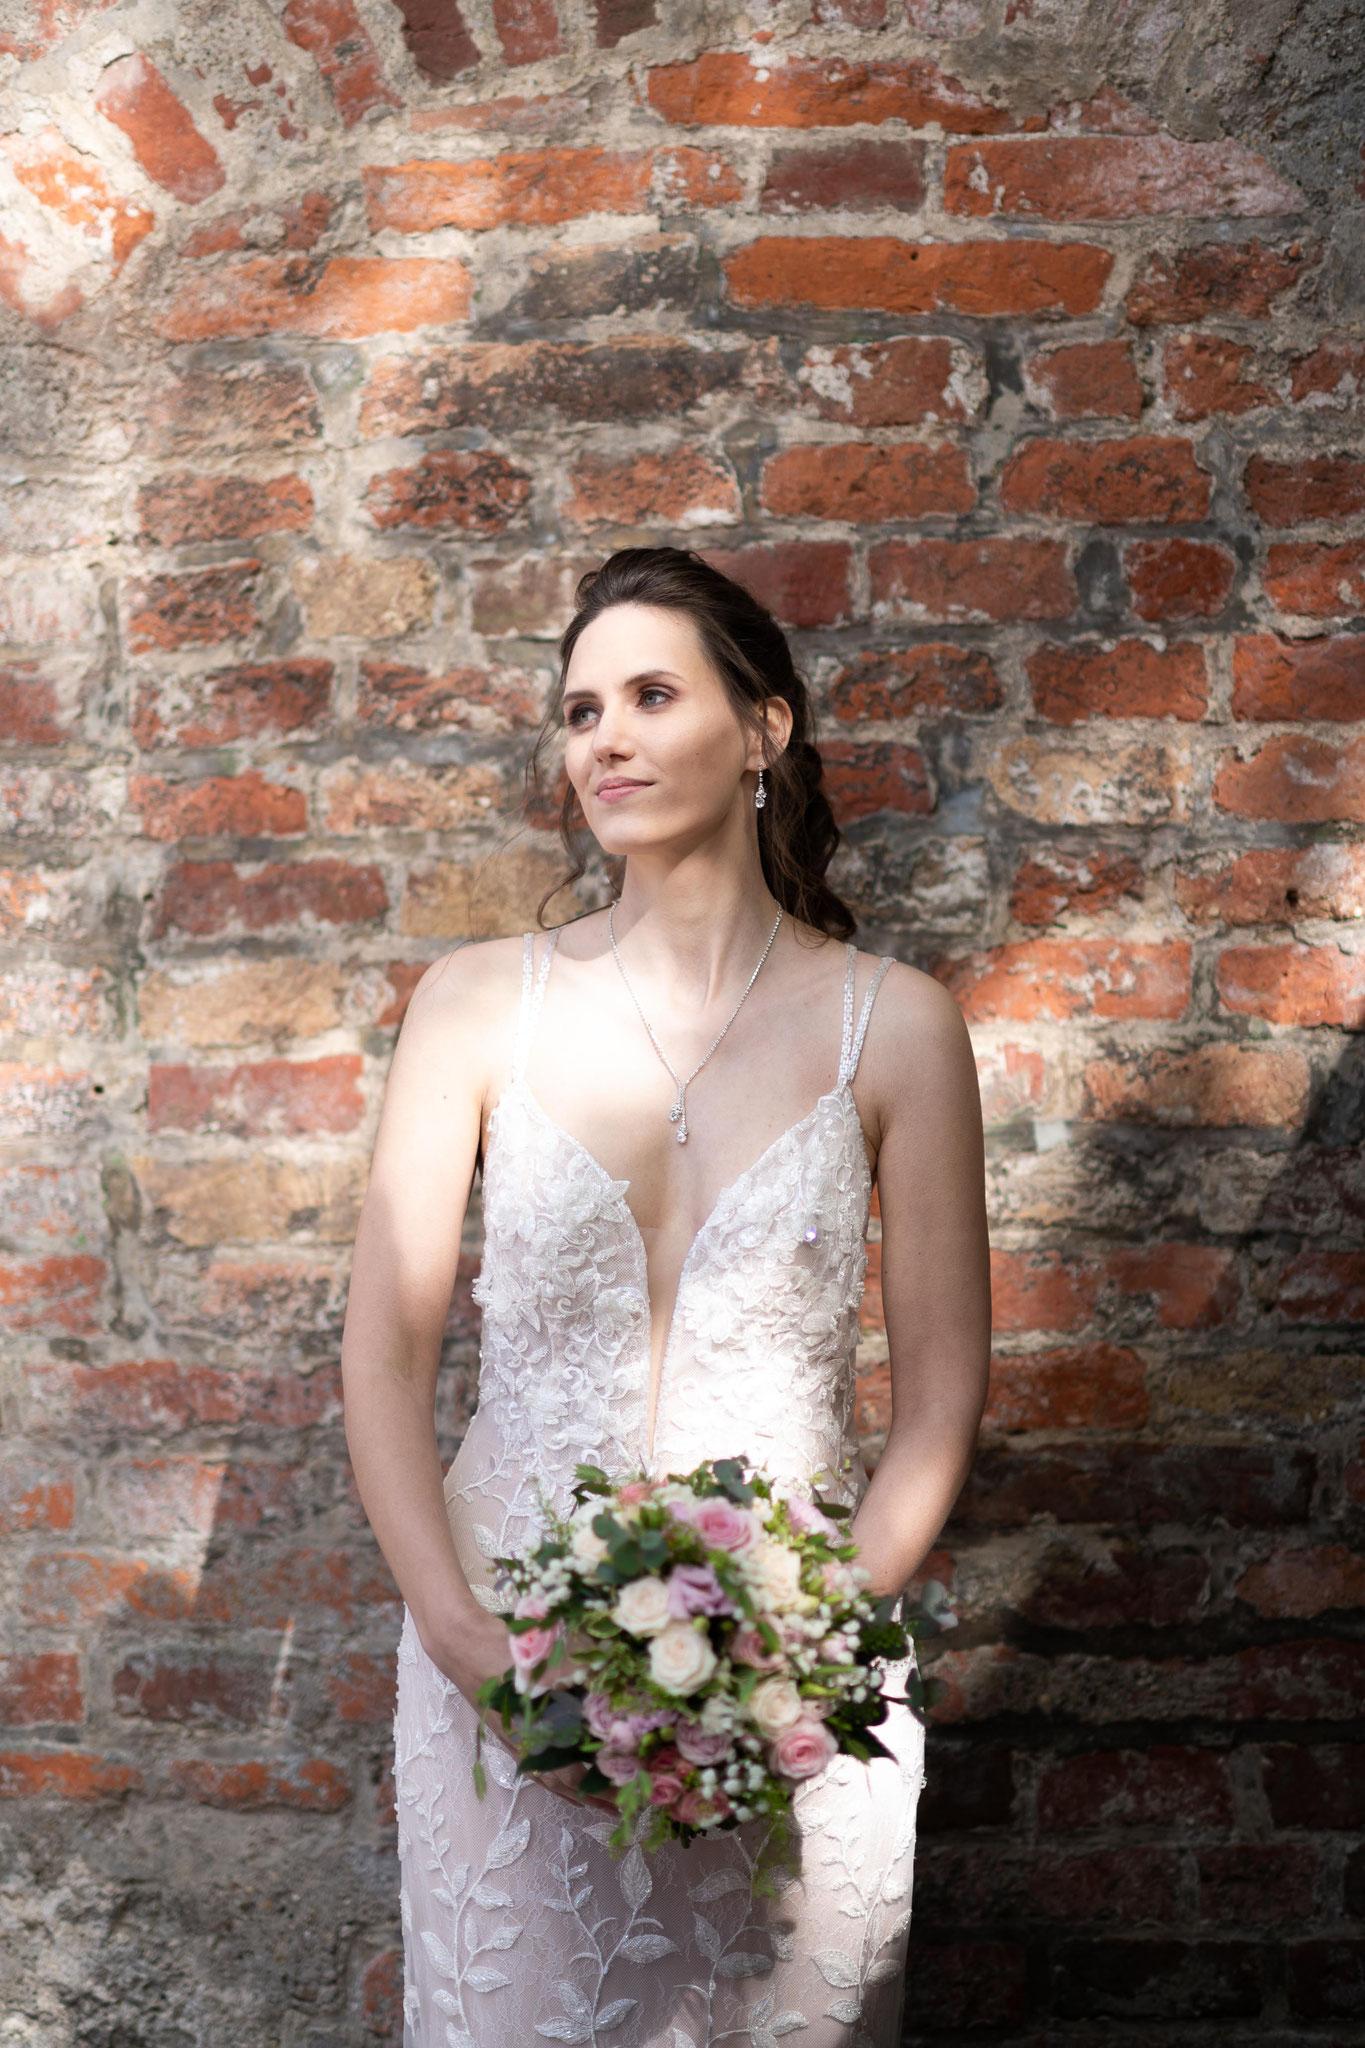 Meine Hochzeit vom professionellen Hochzeitsfilmer filmen lassen